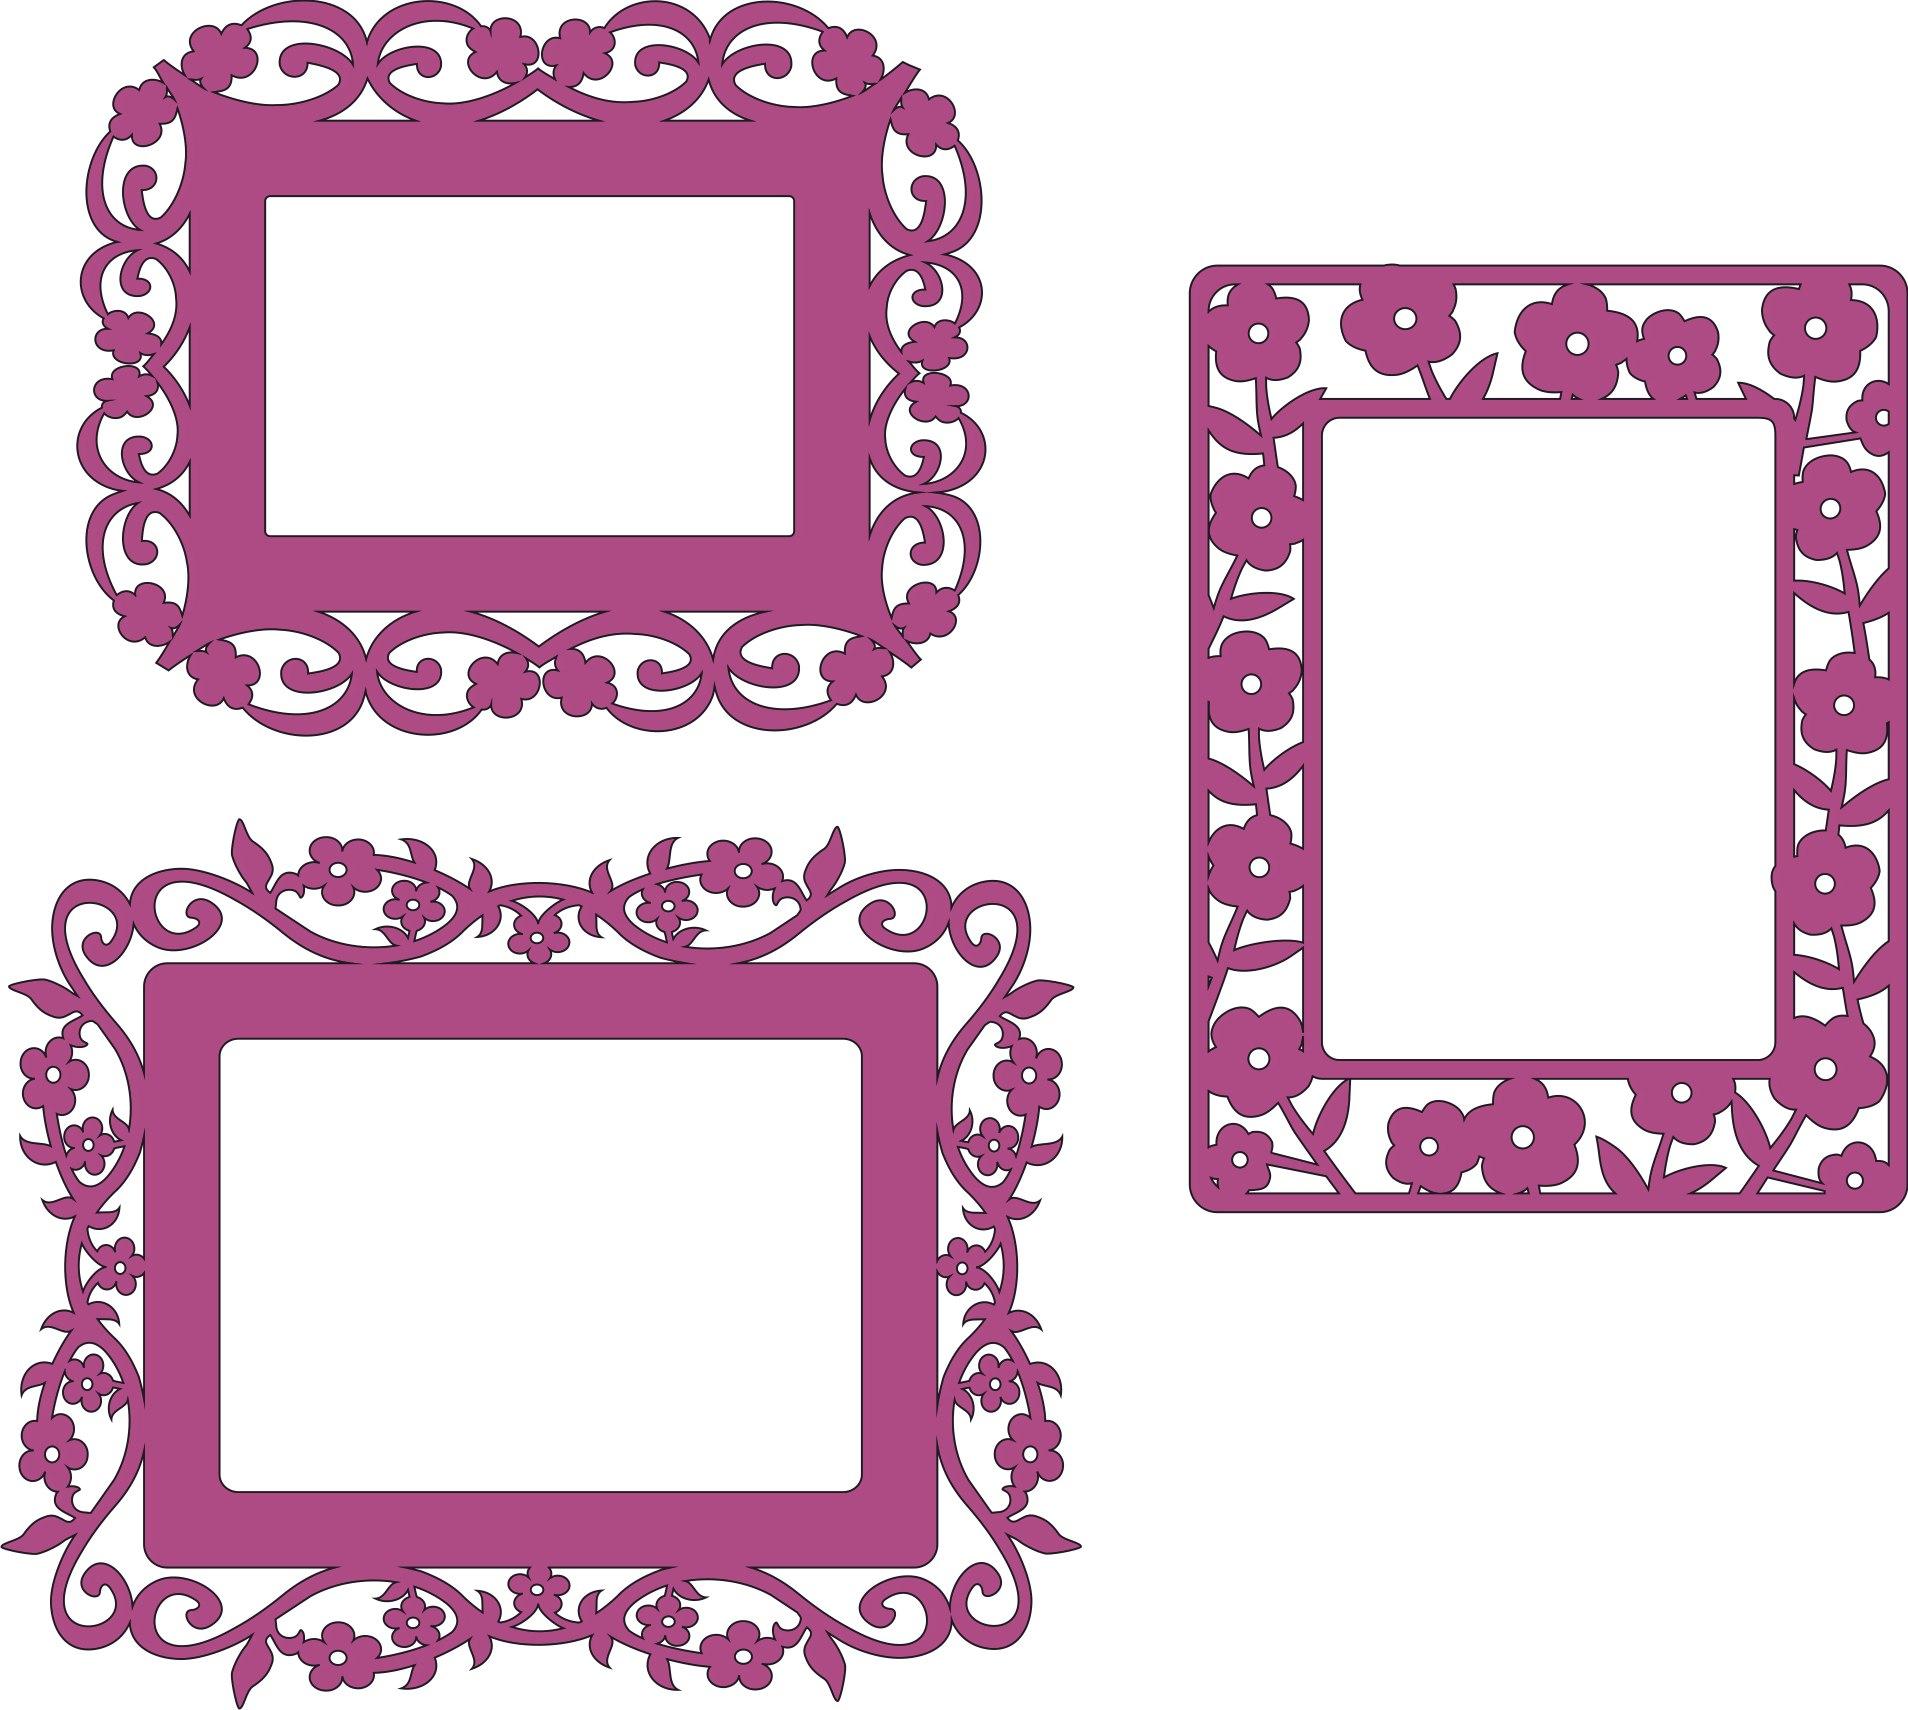 Laser Cut Patterned Photo Frame Border Free CDR Vectors Art